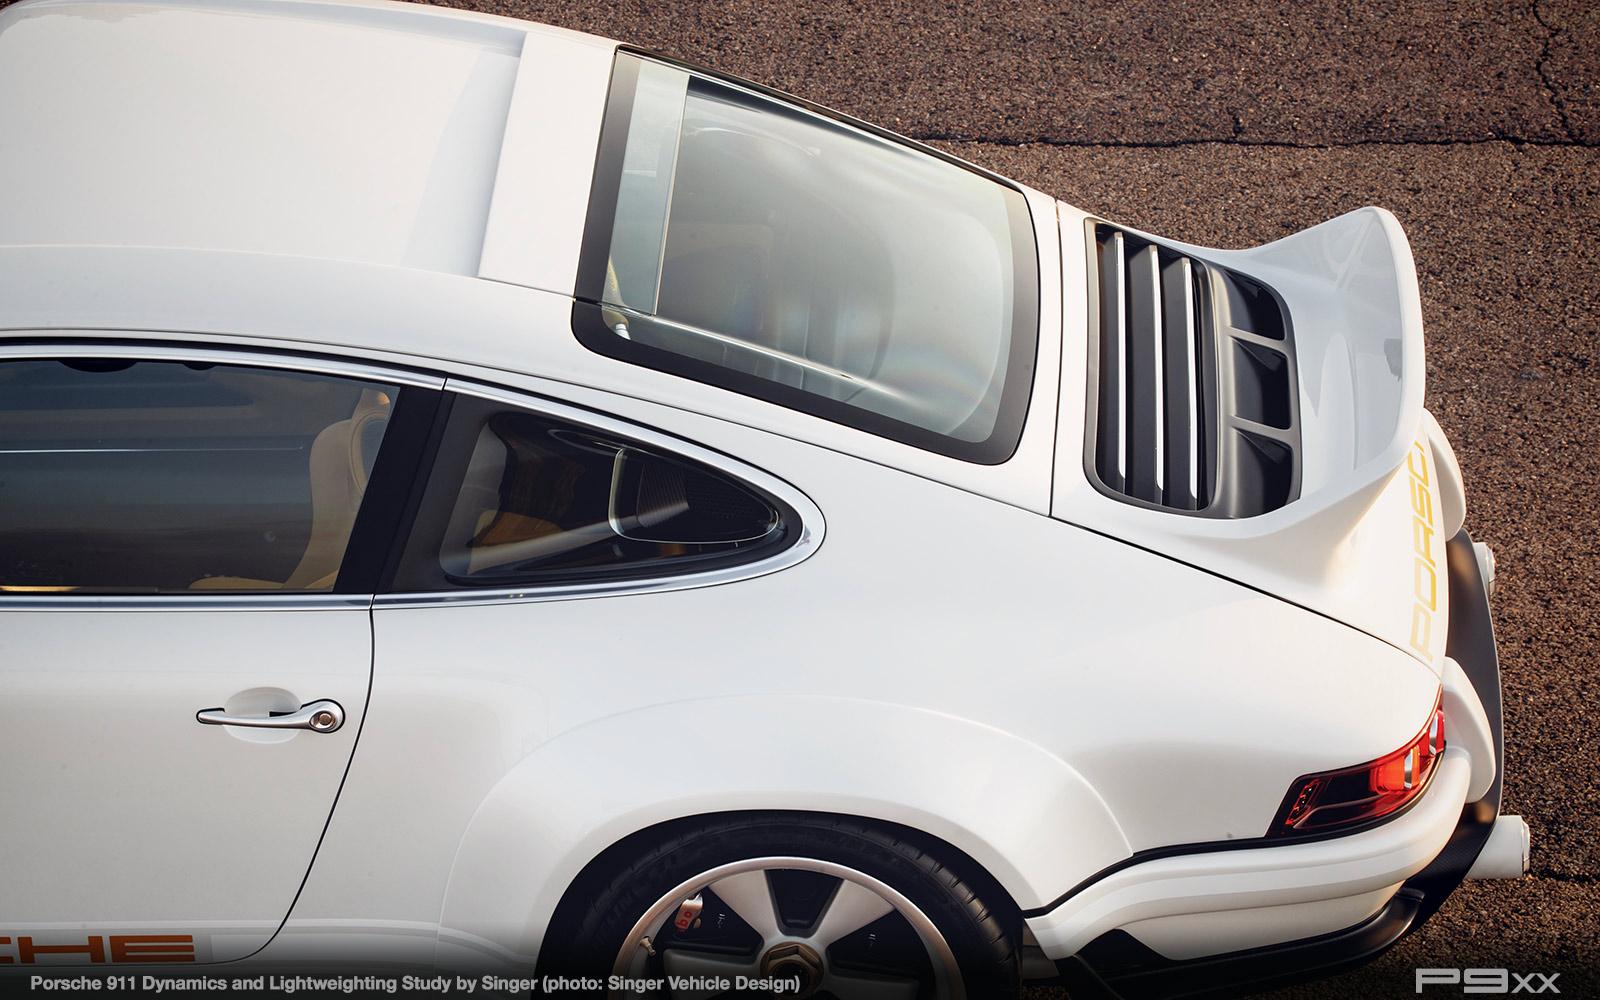 Singer-DLS-Porsche-911-299